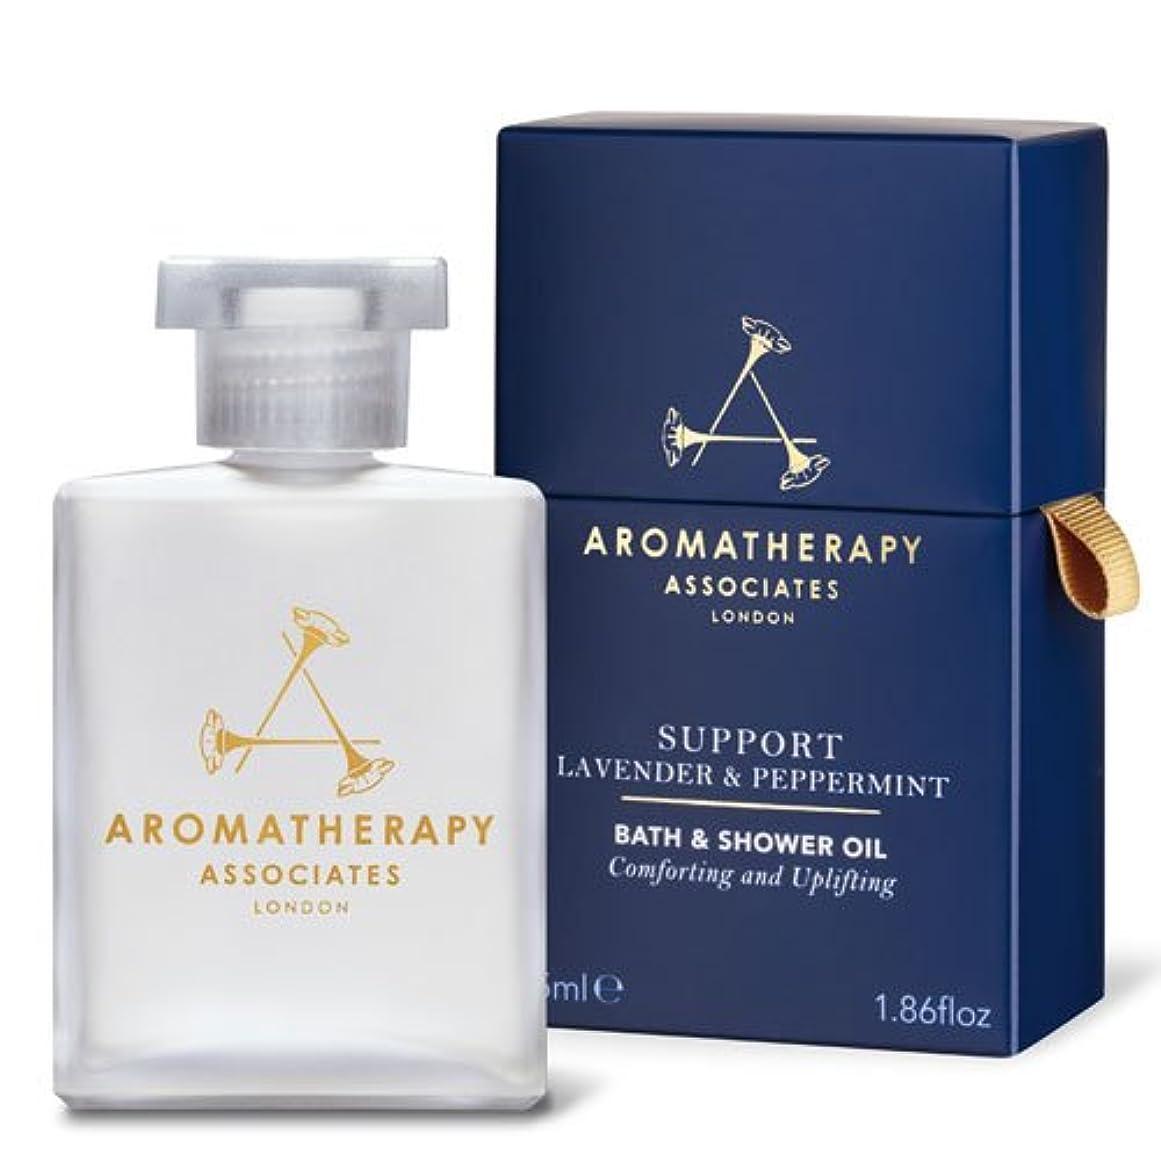 エンコミウム構成する大聖堂アロマセラピー アソシエイツ Support - Lavender & Peppermint Bath & Shower Oil 55ml/1.86oz